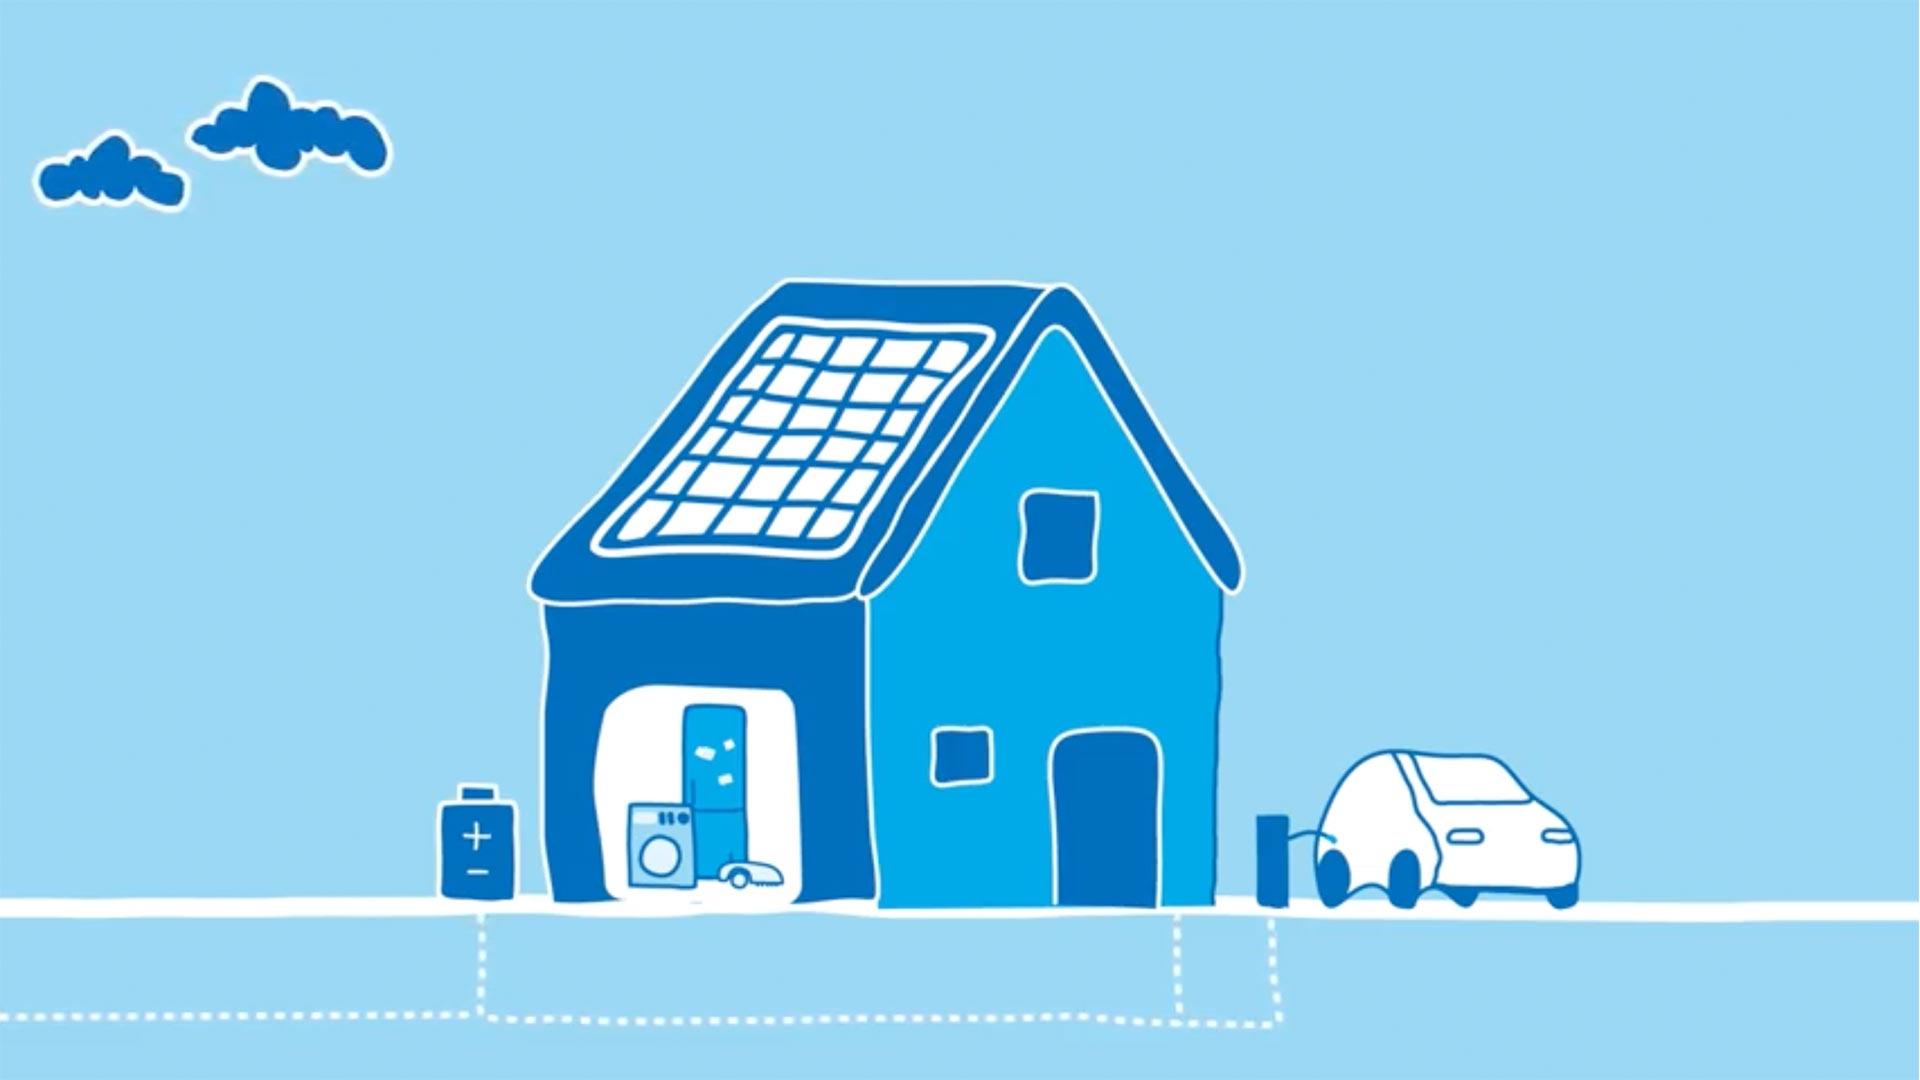 Wie geht der Stromkunde der Zukunft mit Energie um? – Shary Reeves erklärt